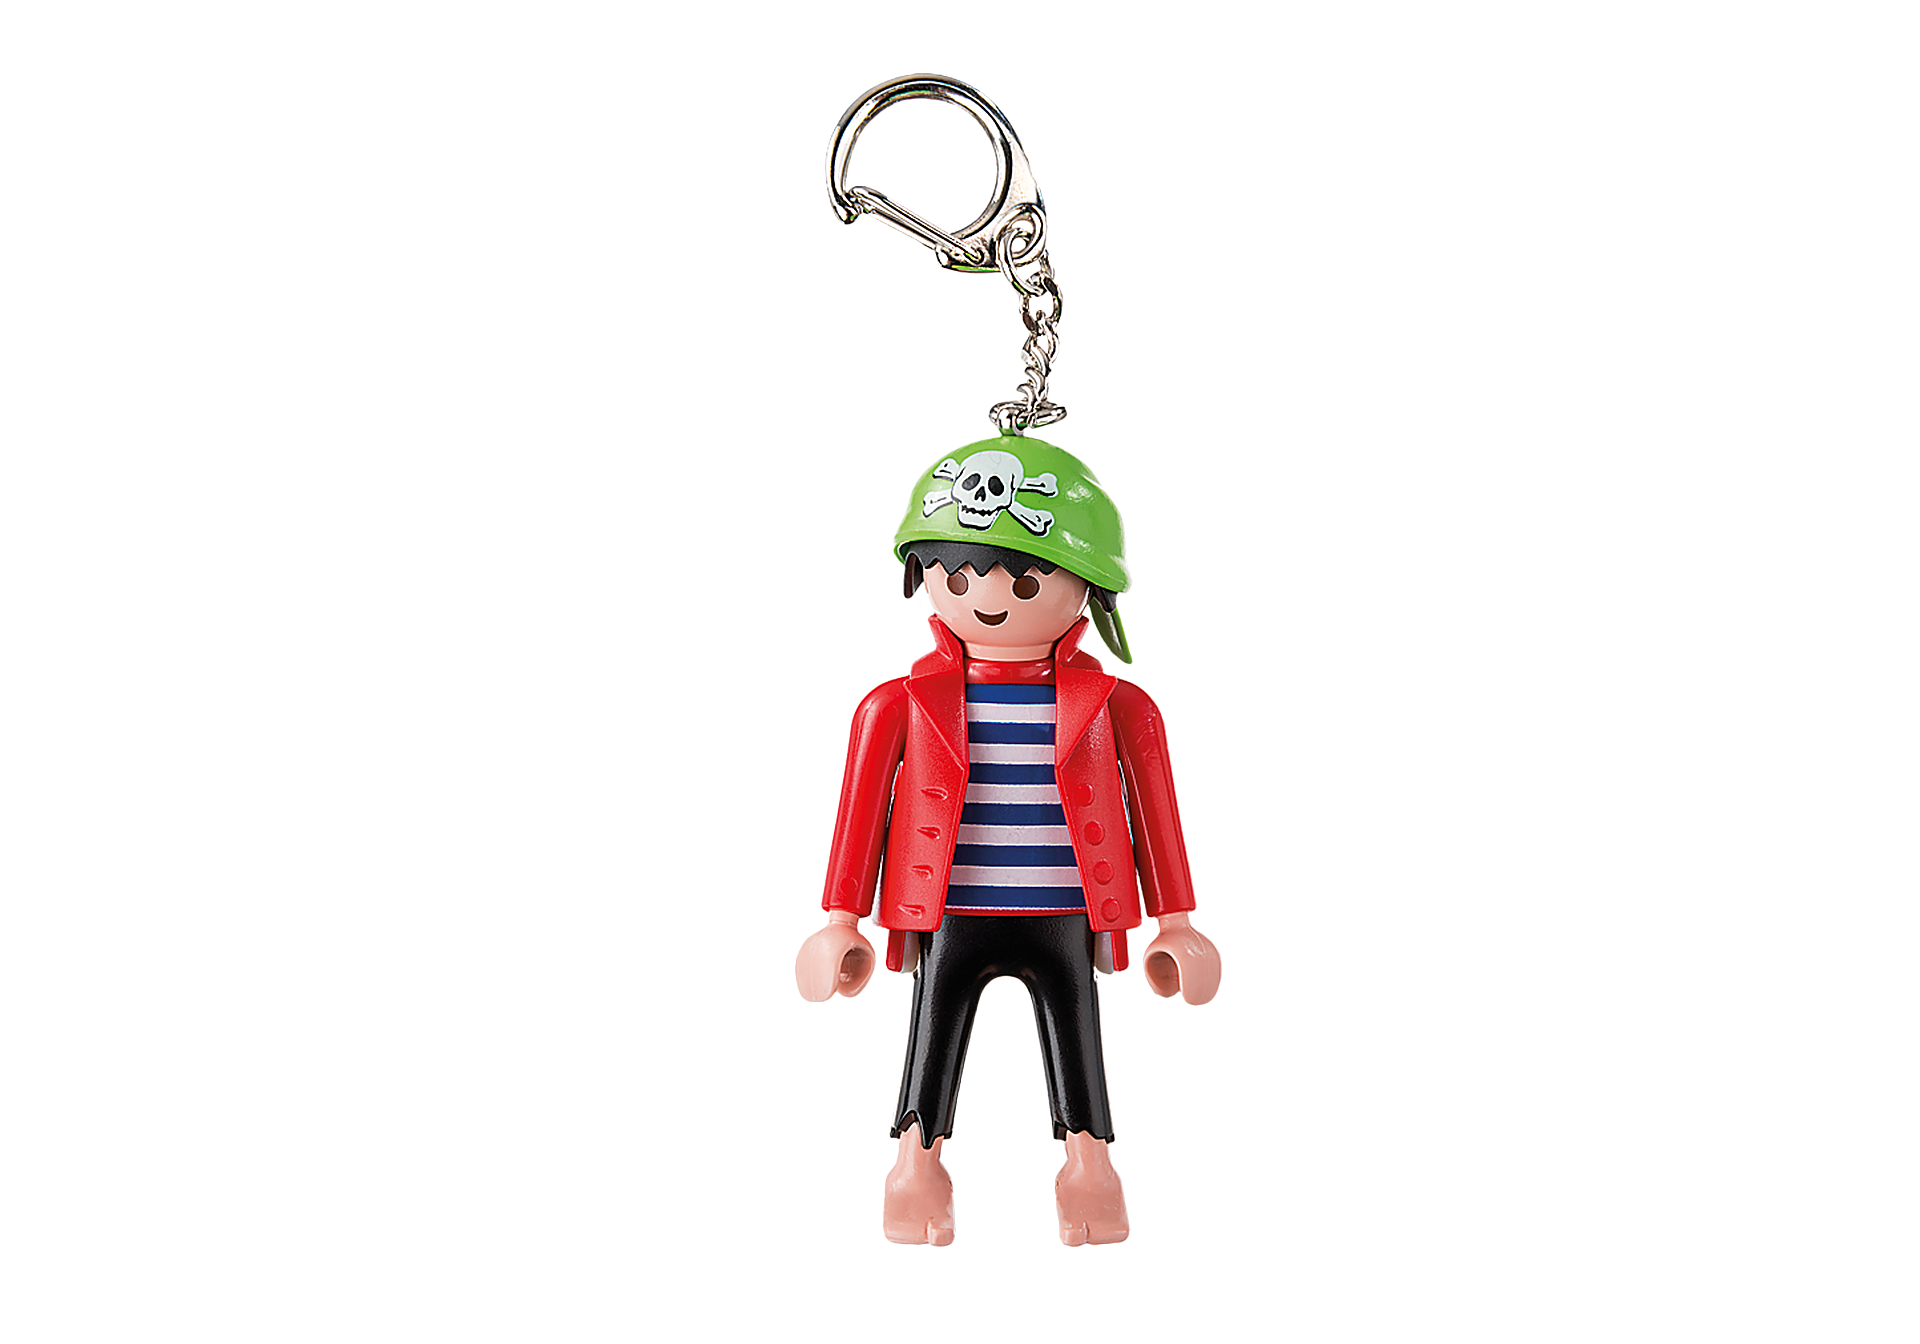 http://media.playmobil.com/i/playmobil/6619_product_detail/Schlüsselanhänger Pirat Rico